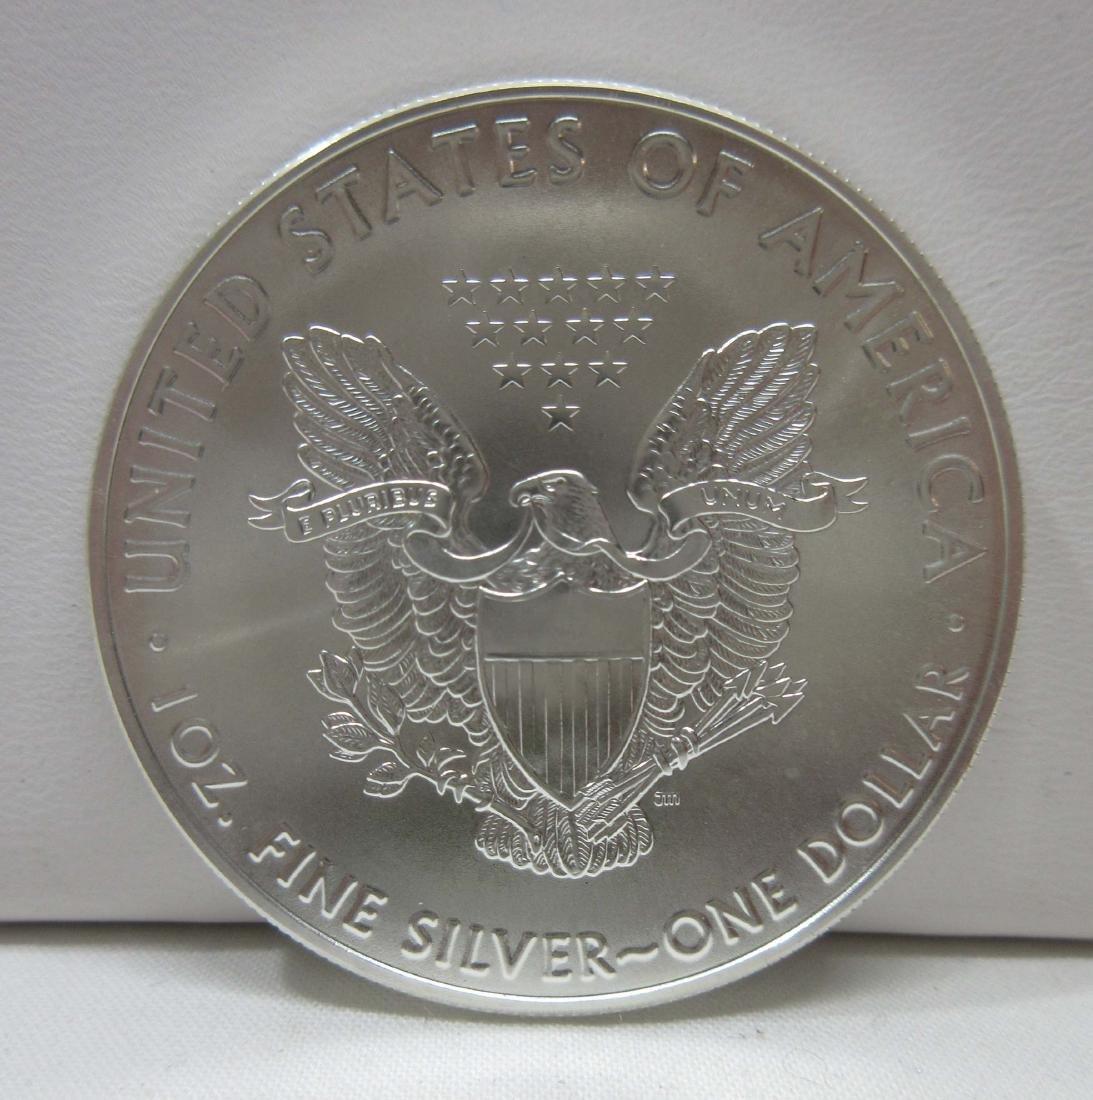 2016 Silver Eagle Coin BU - 2